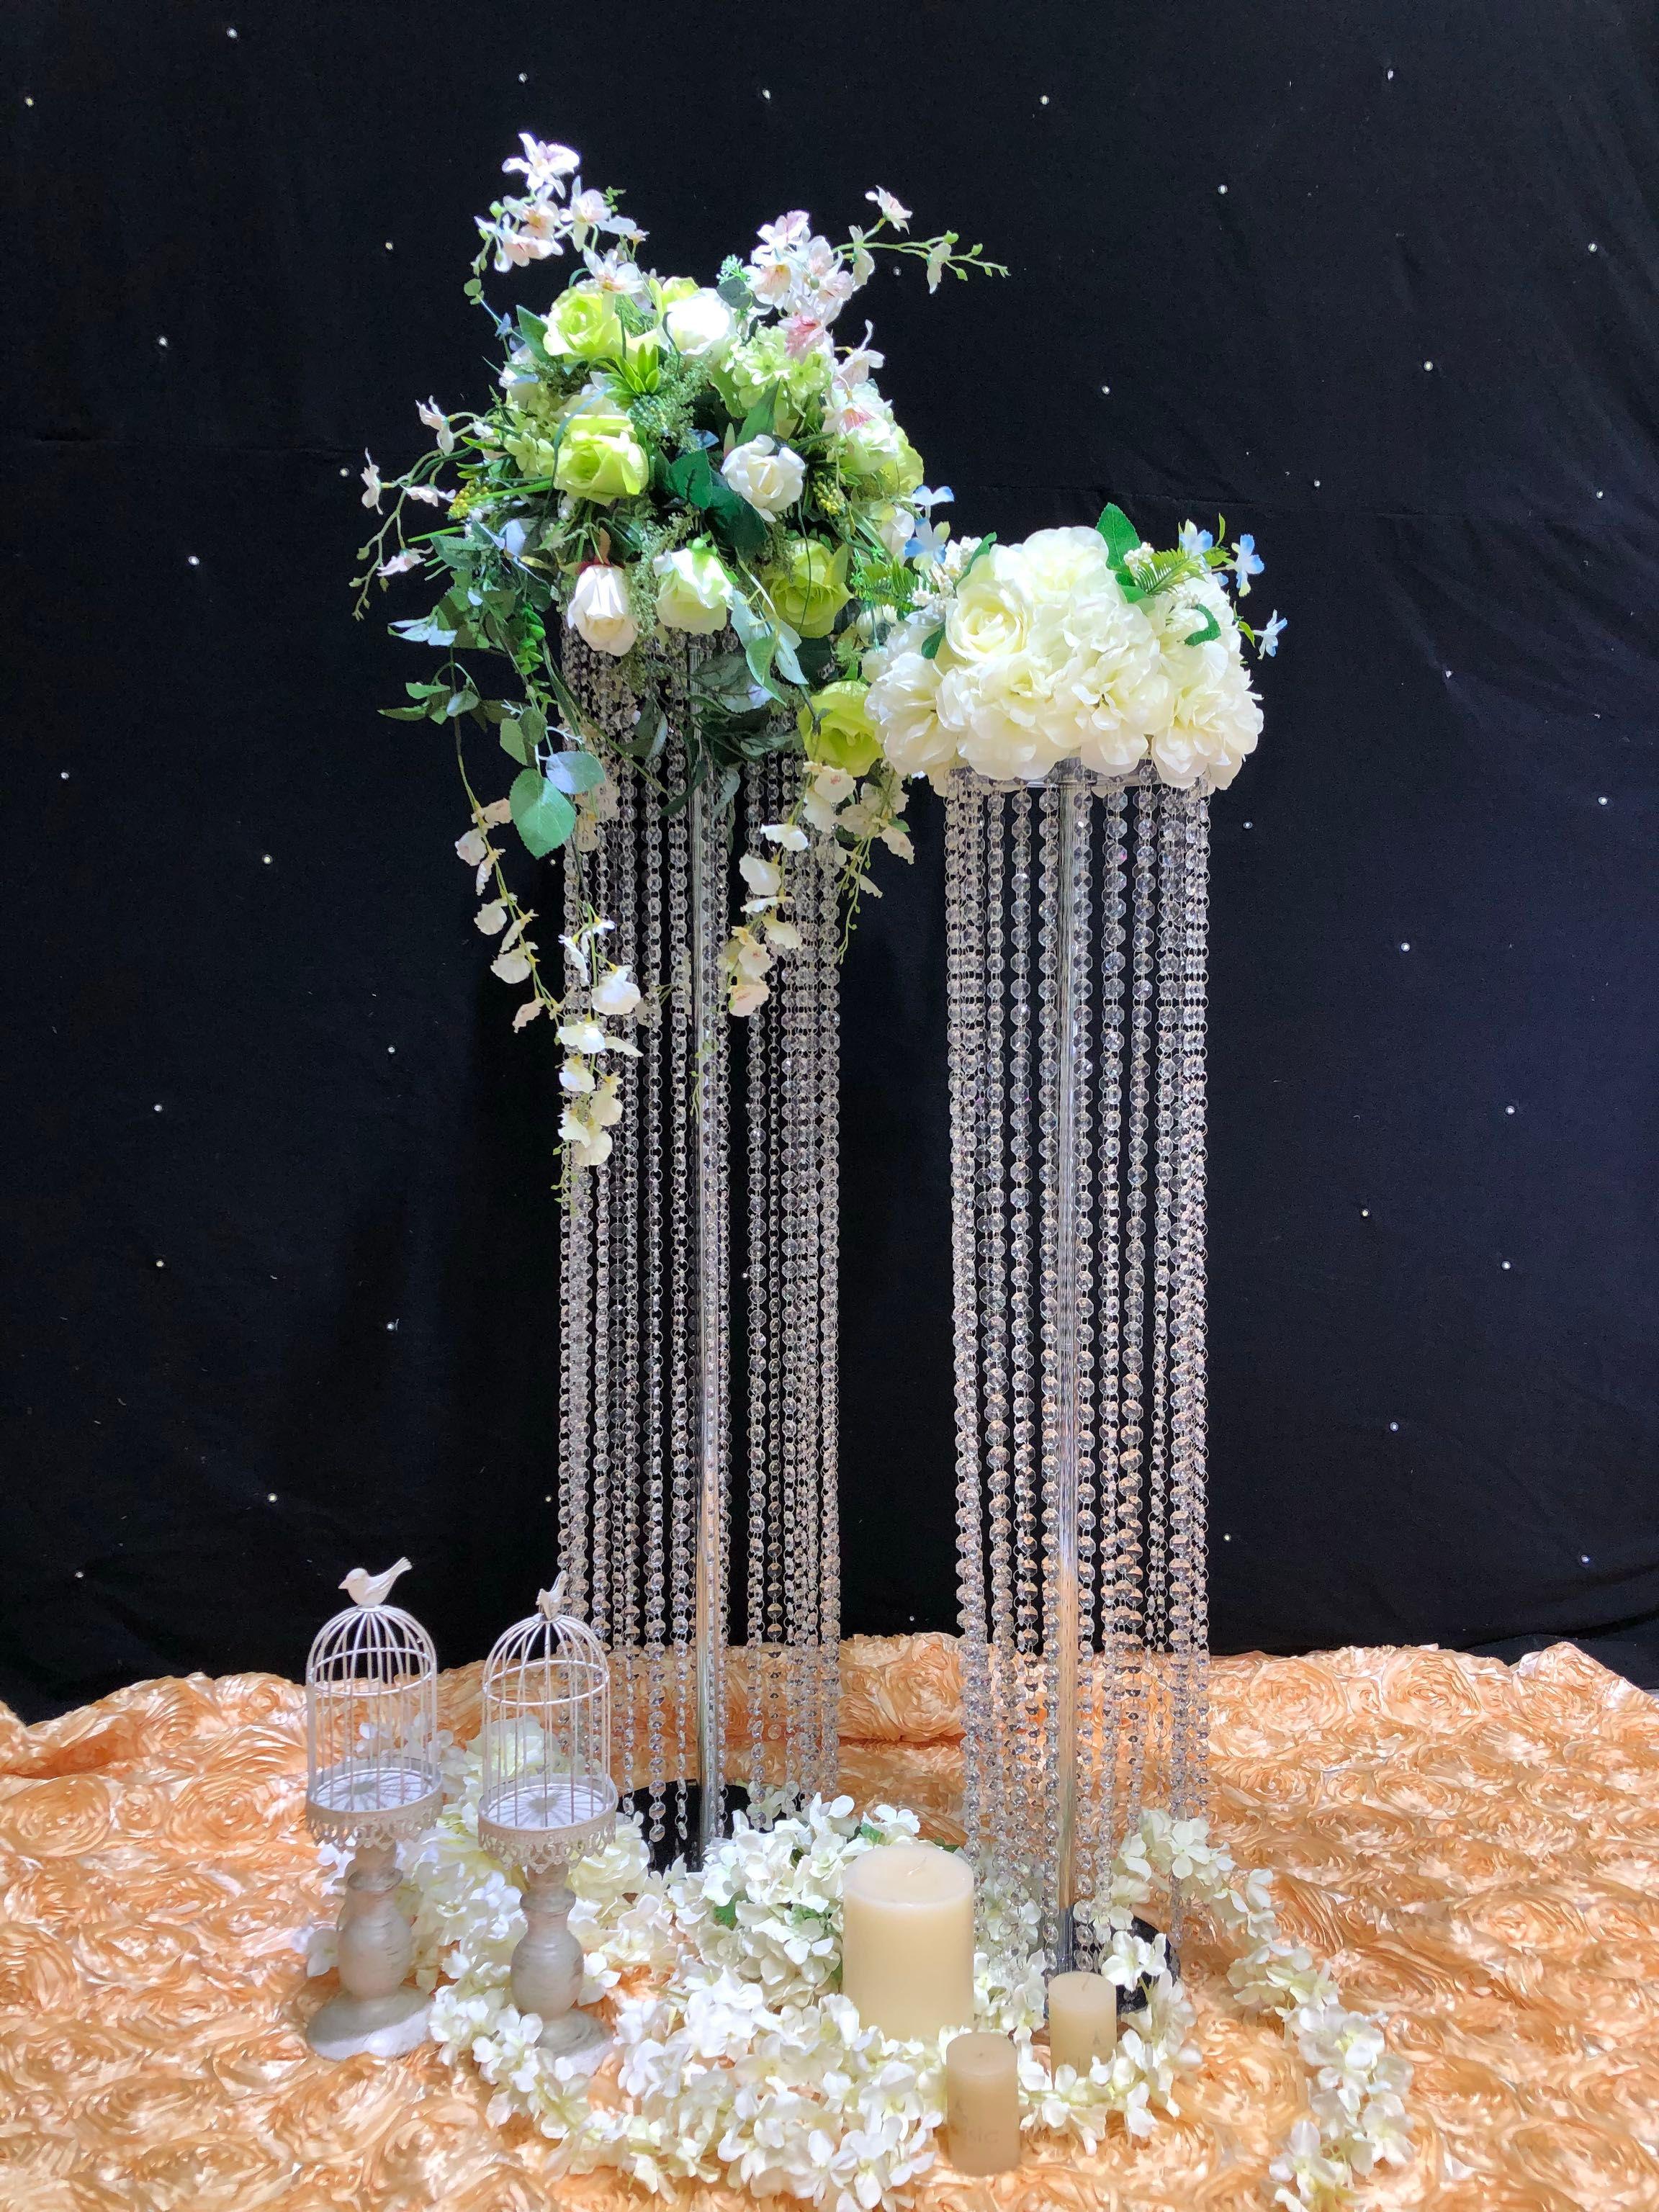 2018 crystal wedding road lead flower vase led light decoration rh dhgate com